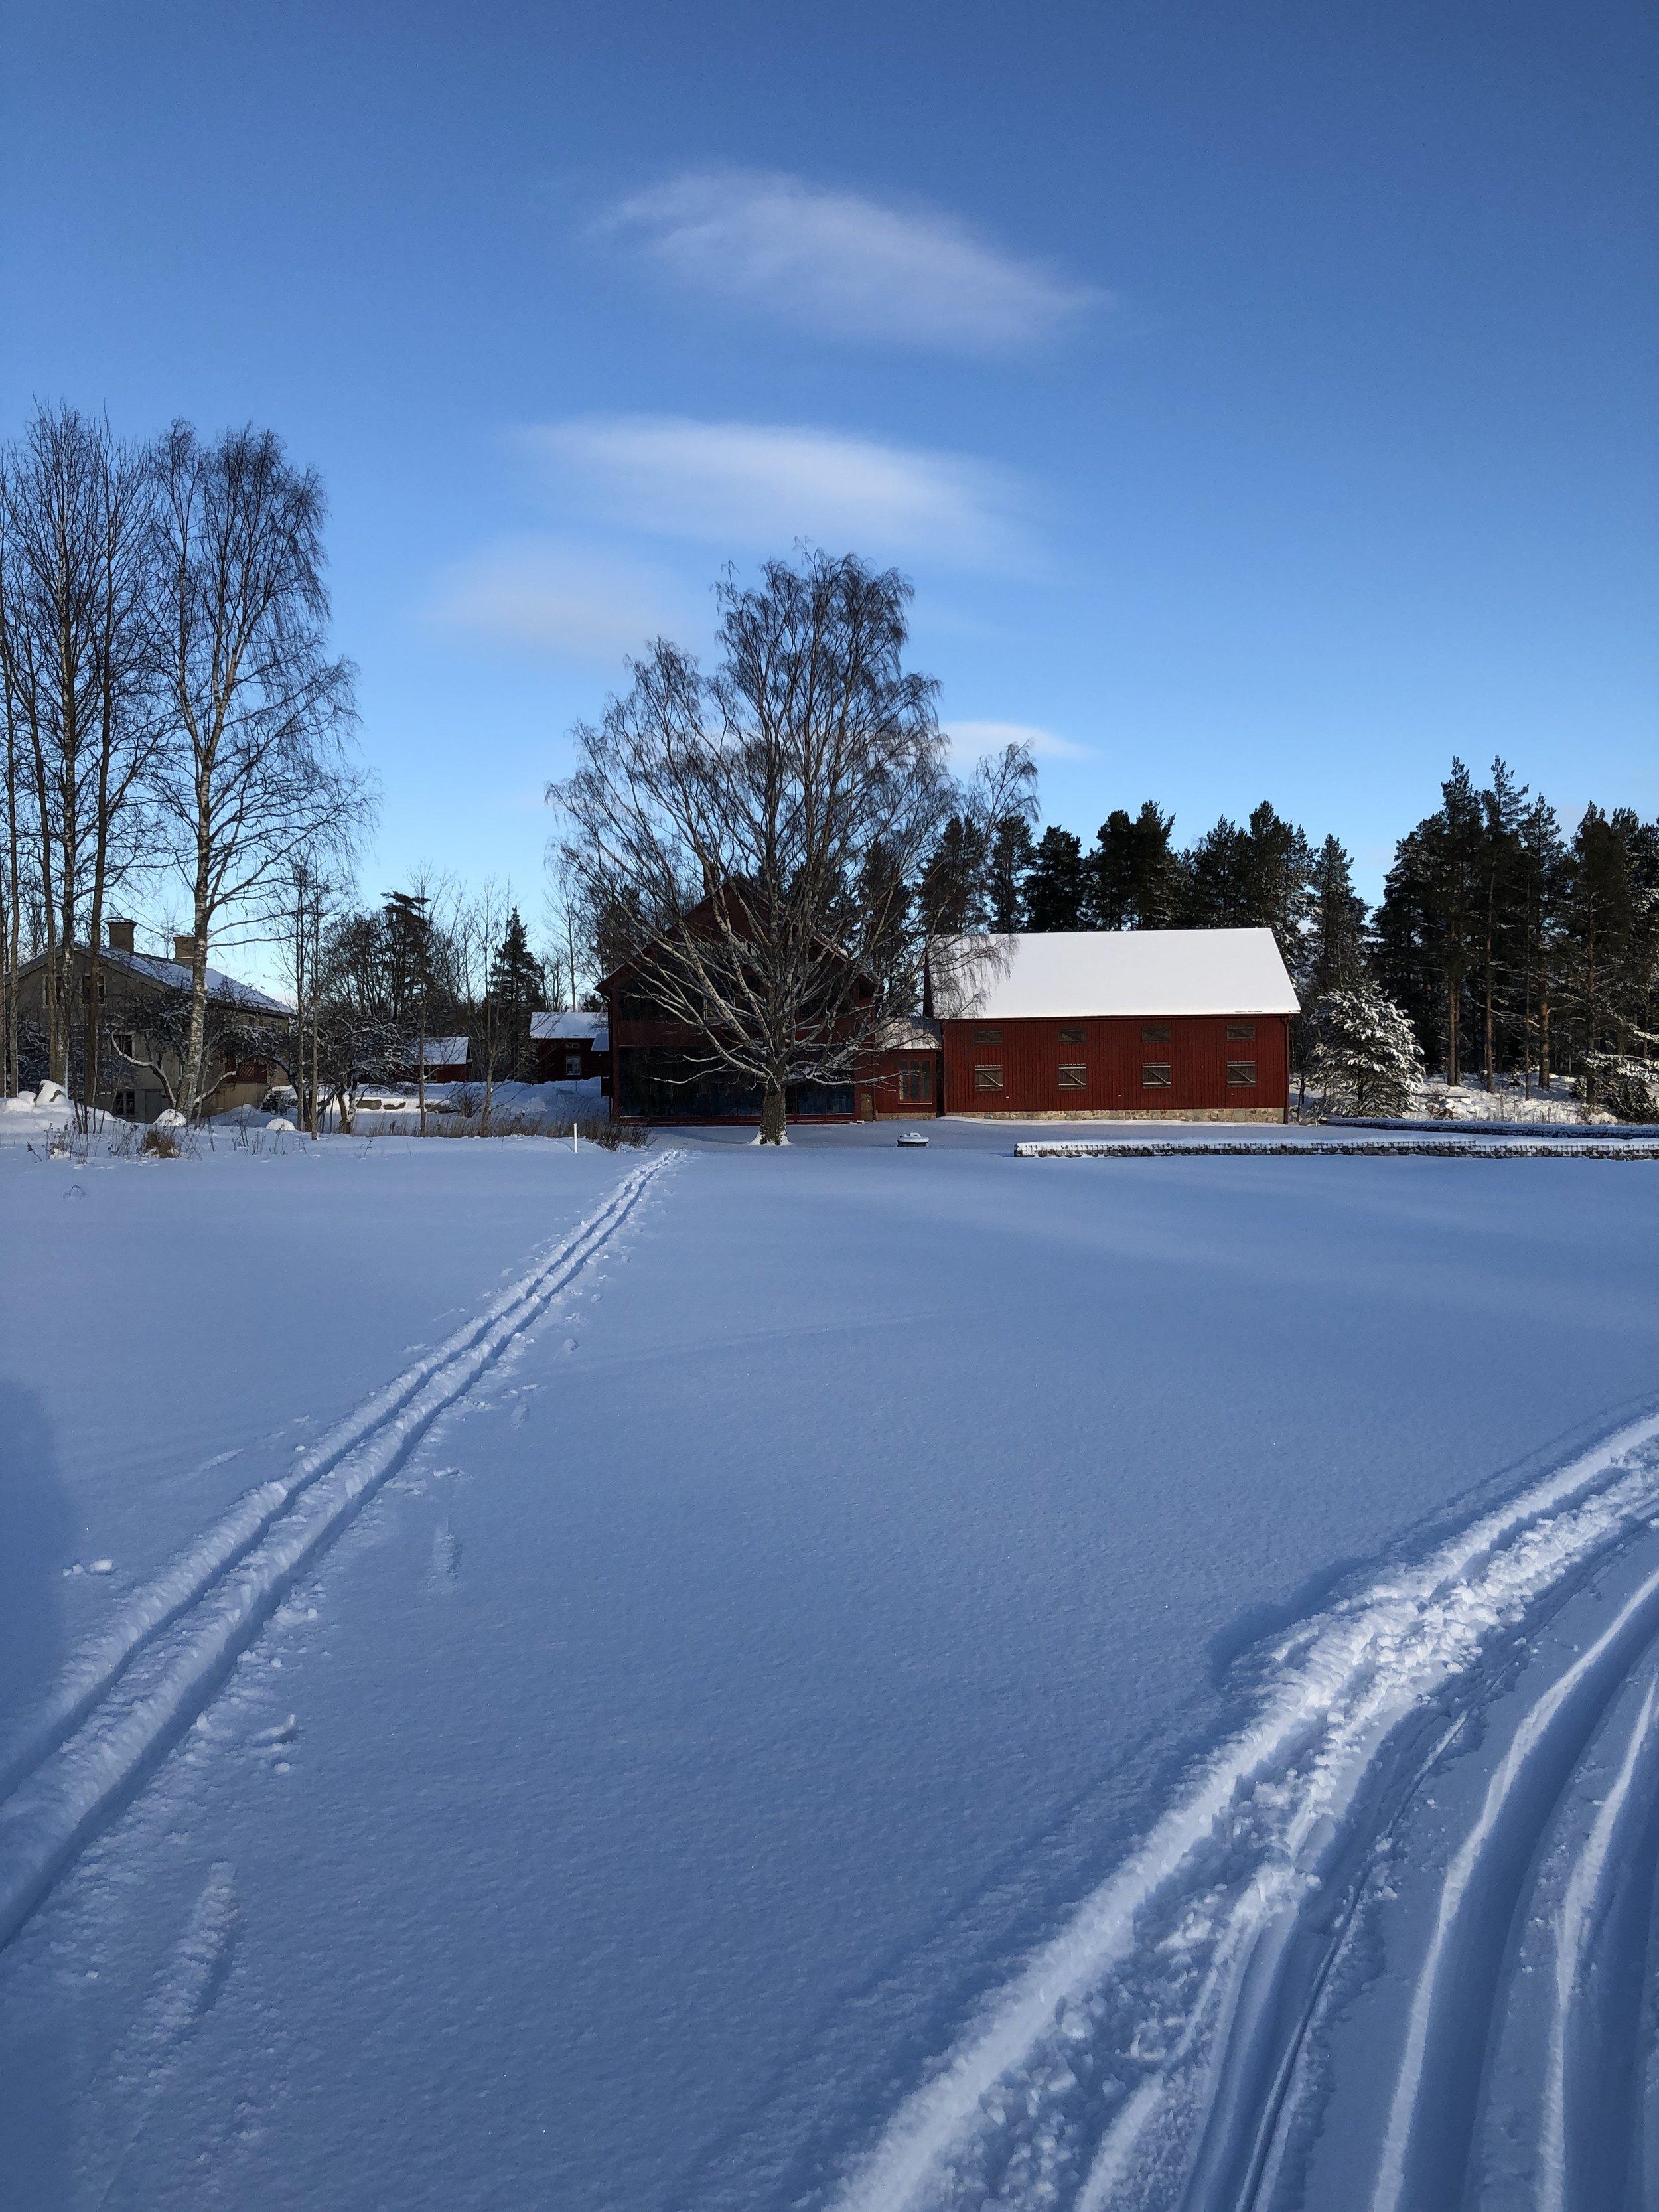 Stenberg_Vinter_skidspår_1_1902_KB.jpg